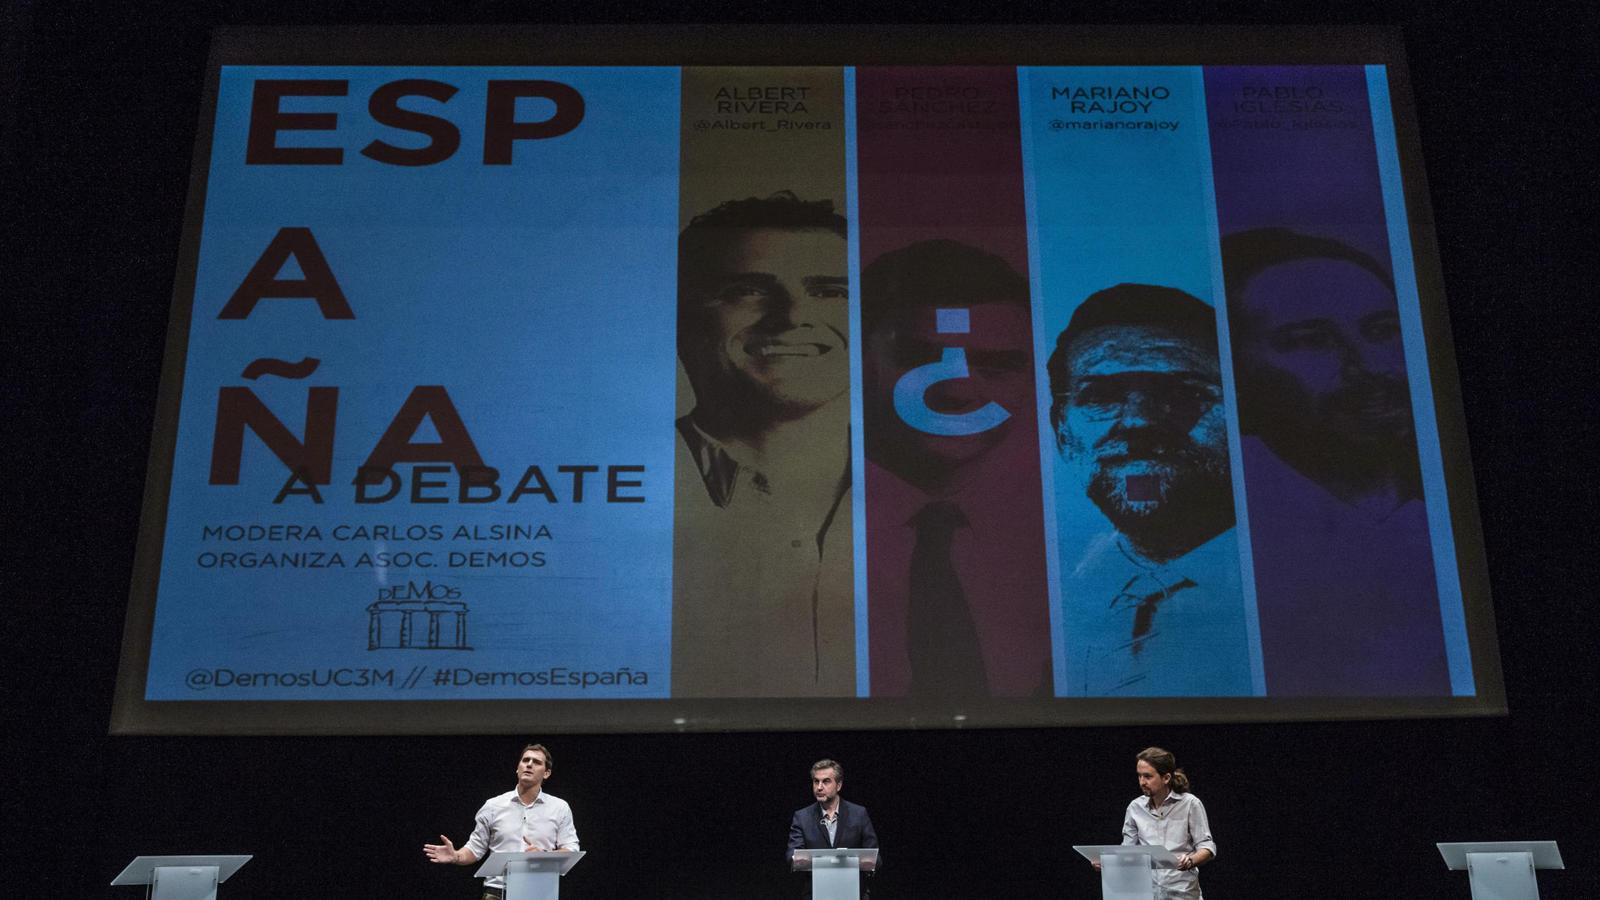 #DemosEspaña